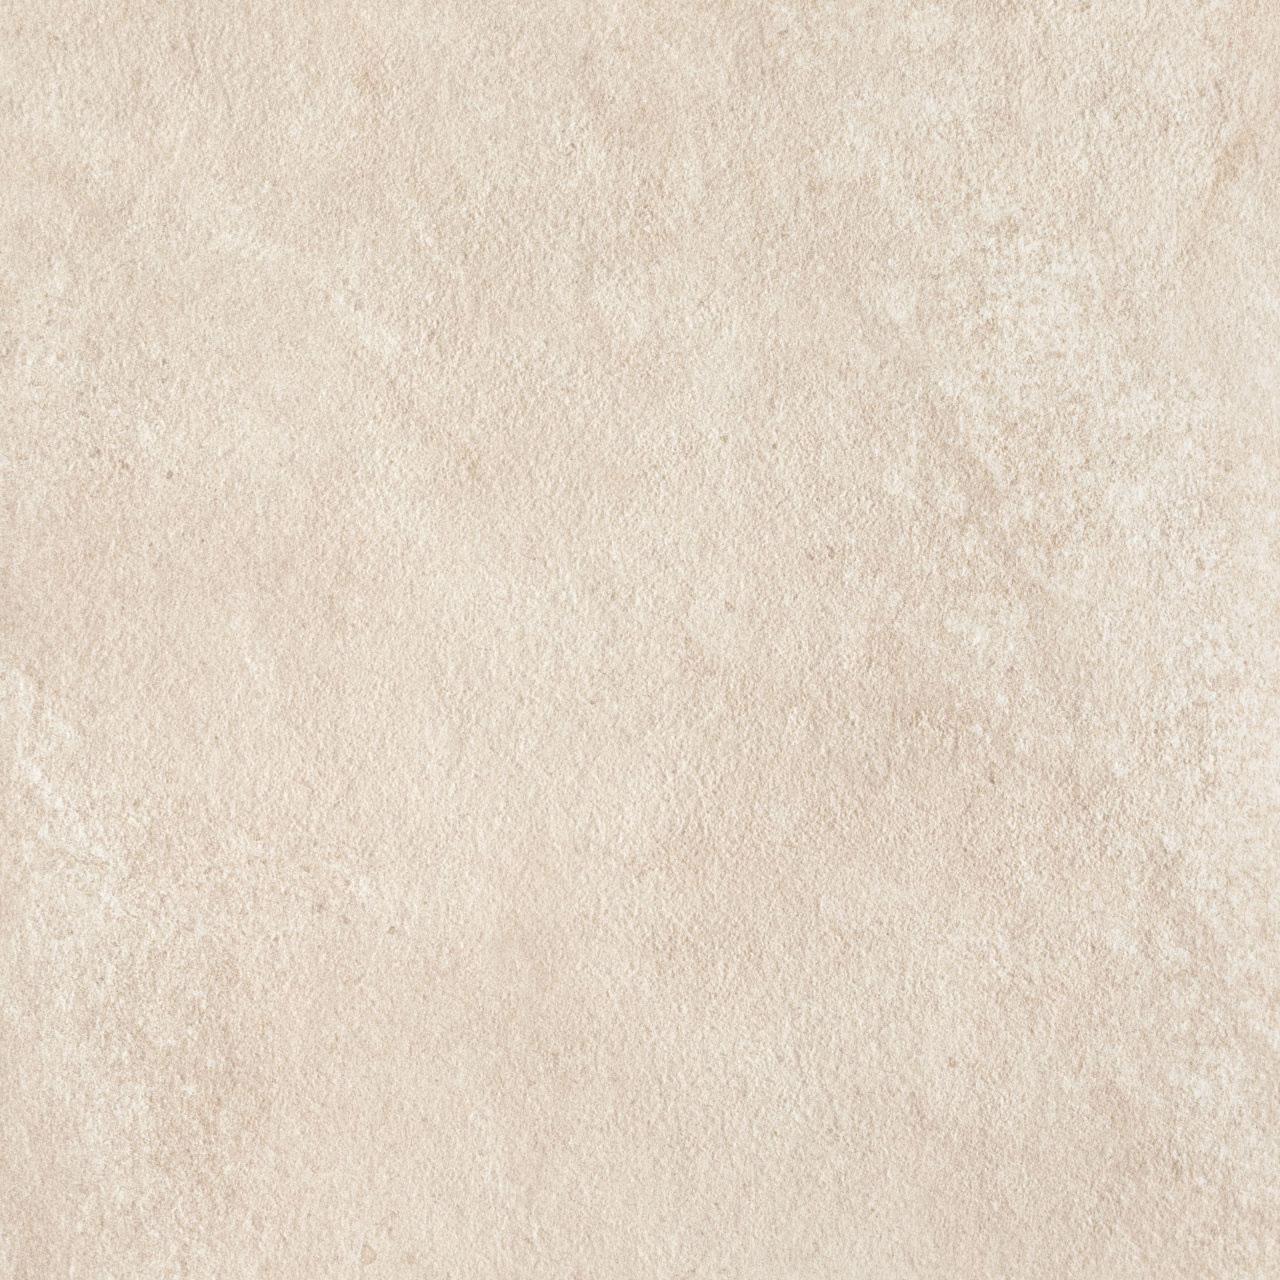 arenaria ext bege 60×60